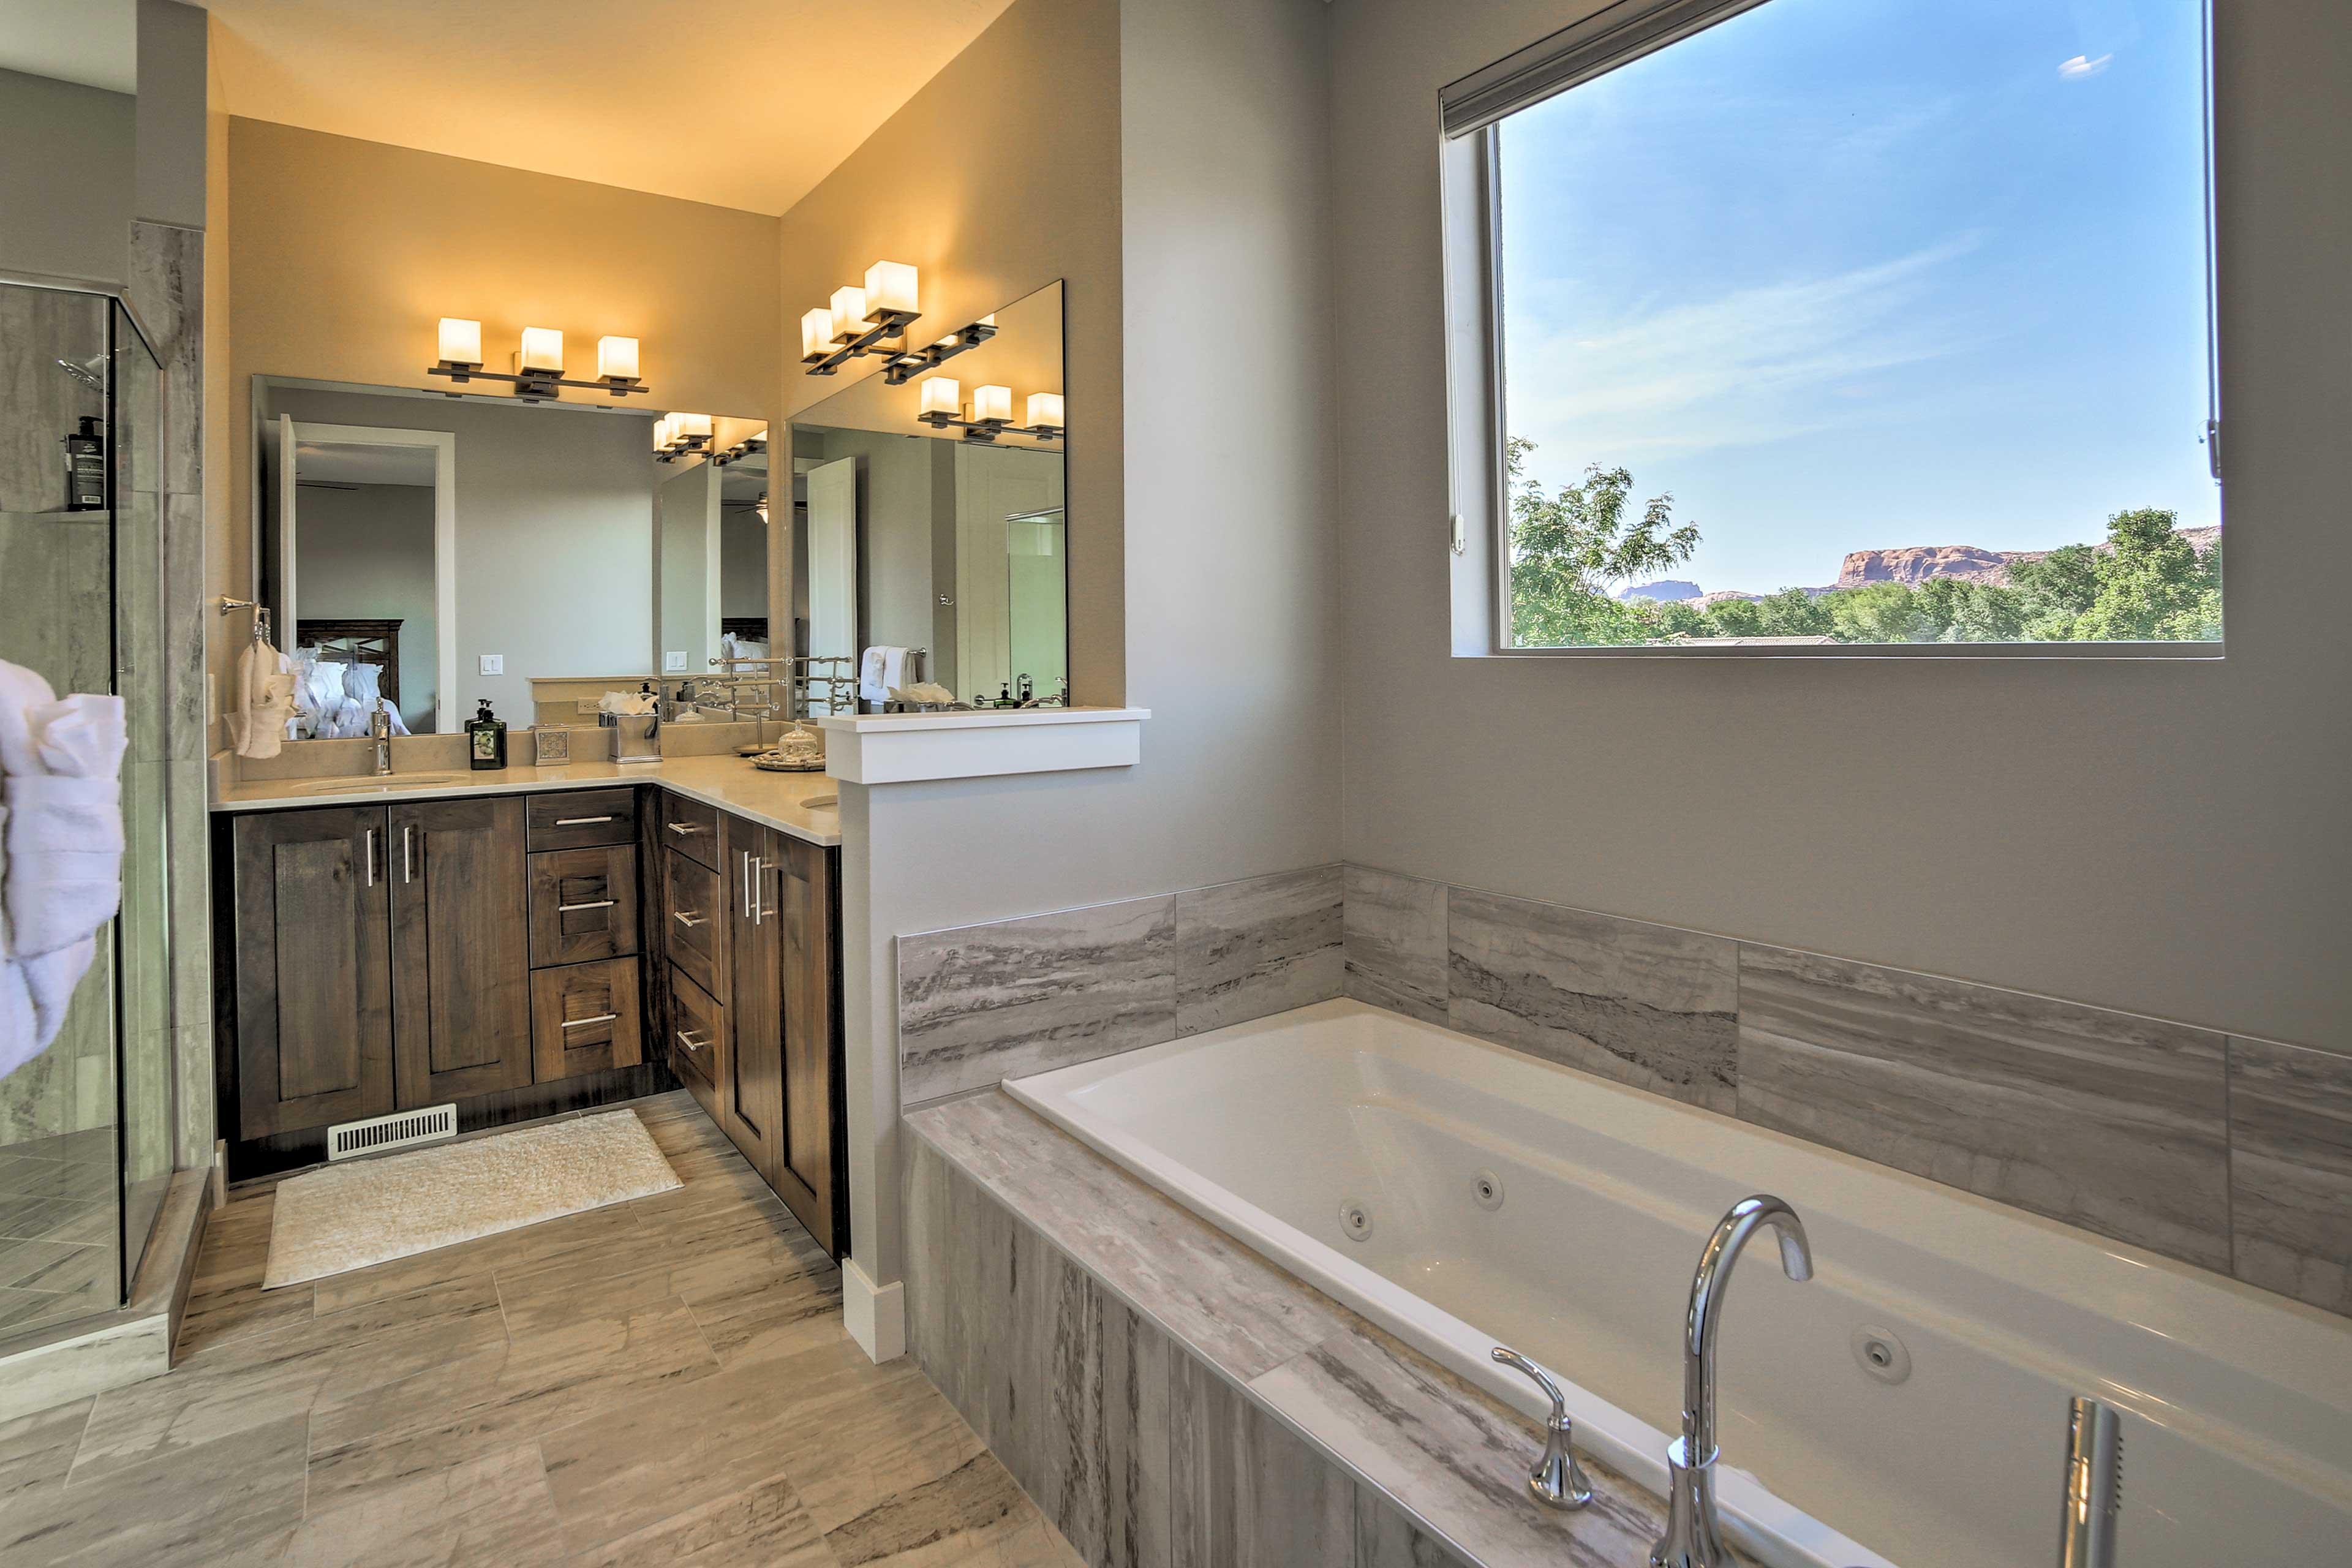 The en-suite bath features a luxurious bathtub.